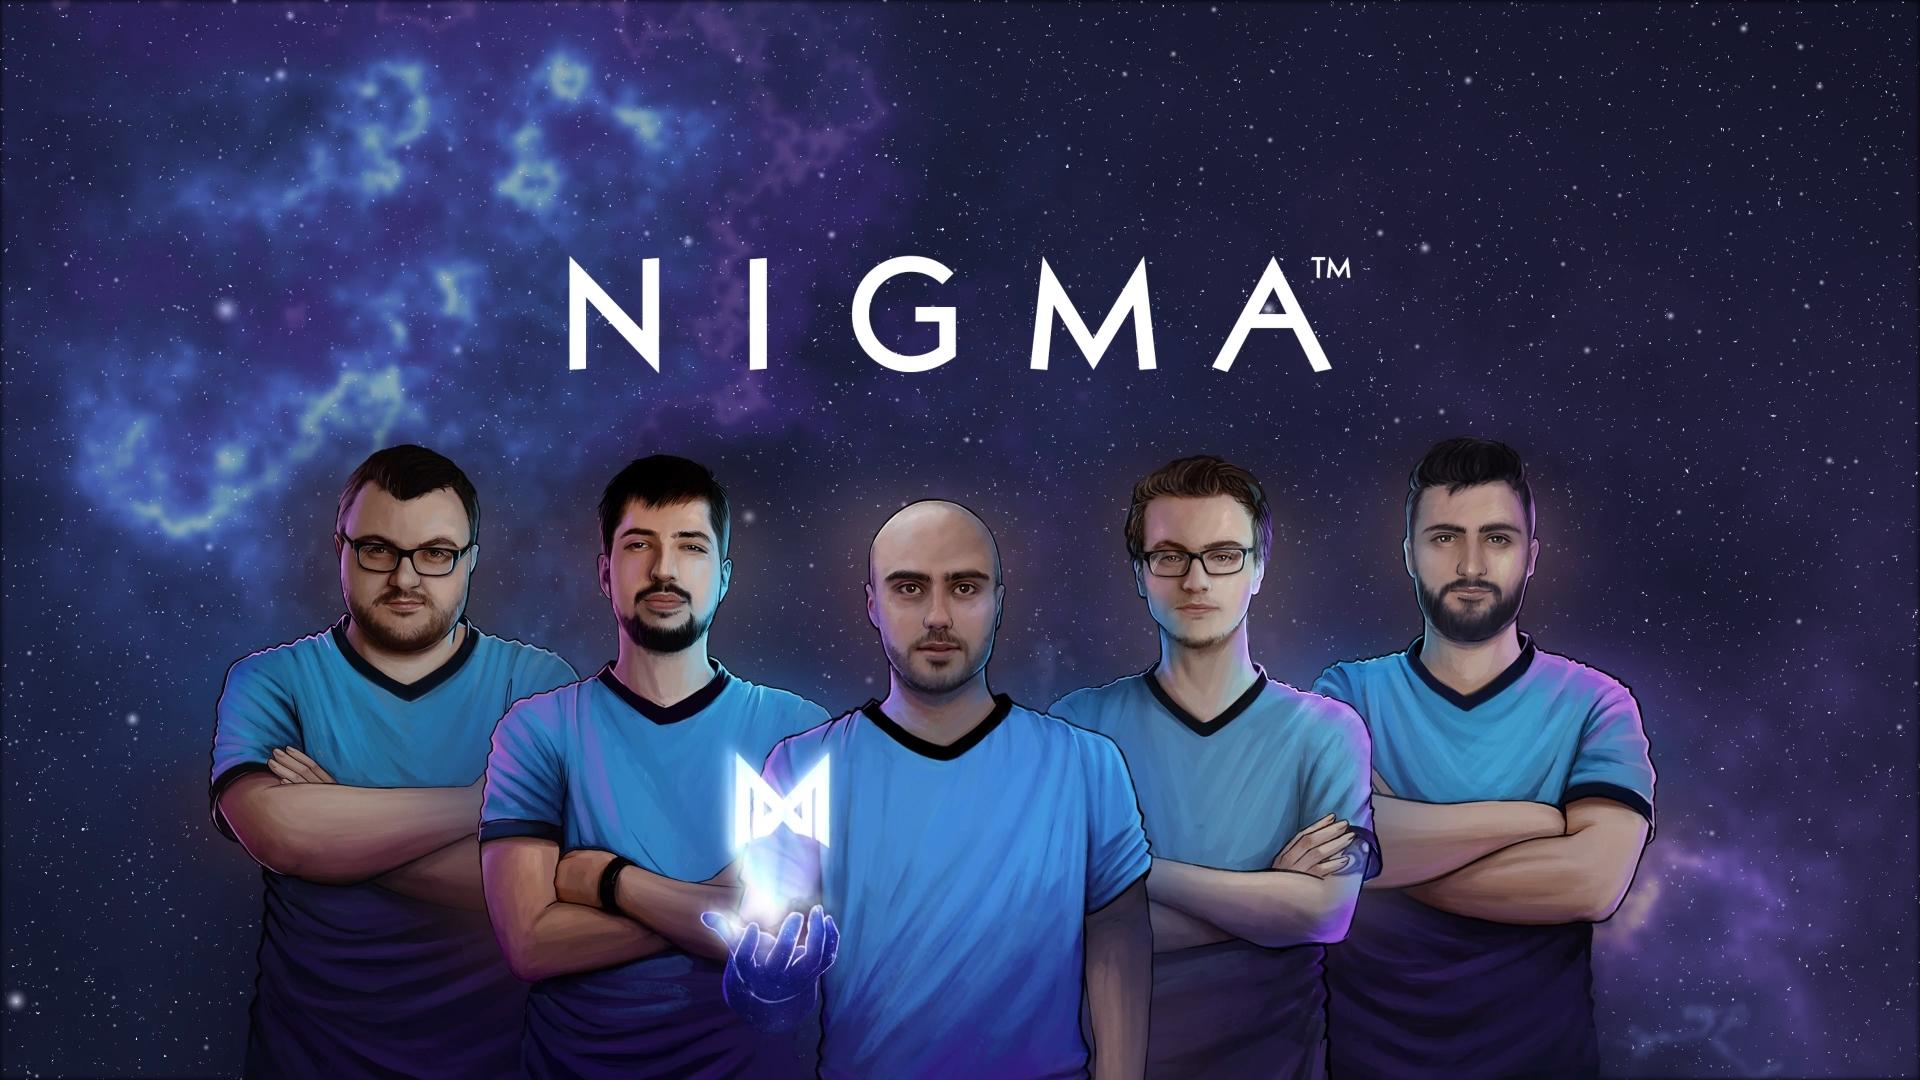 Kết quả hình ảnh cho team nigma